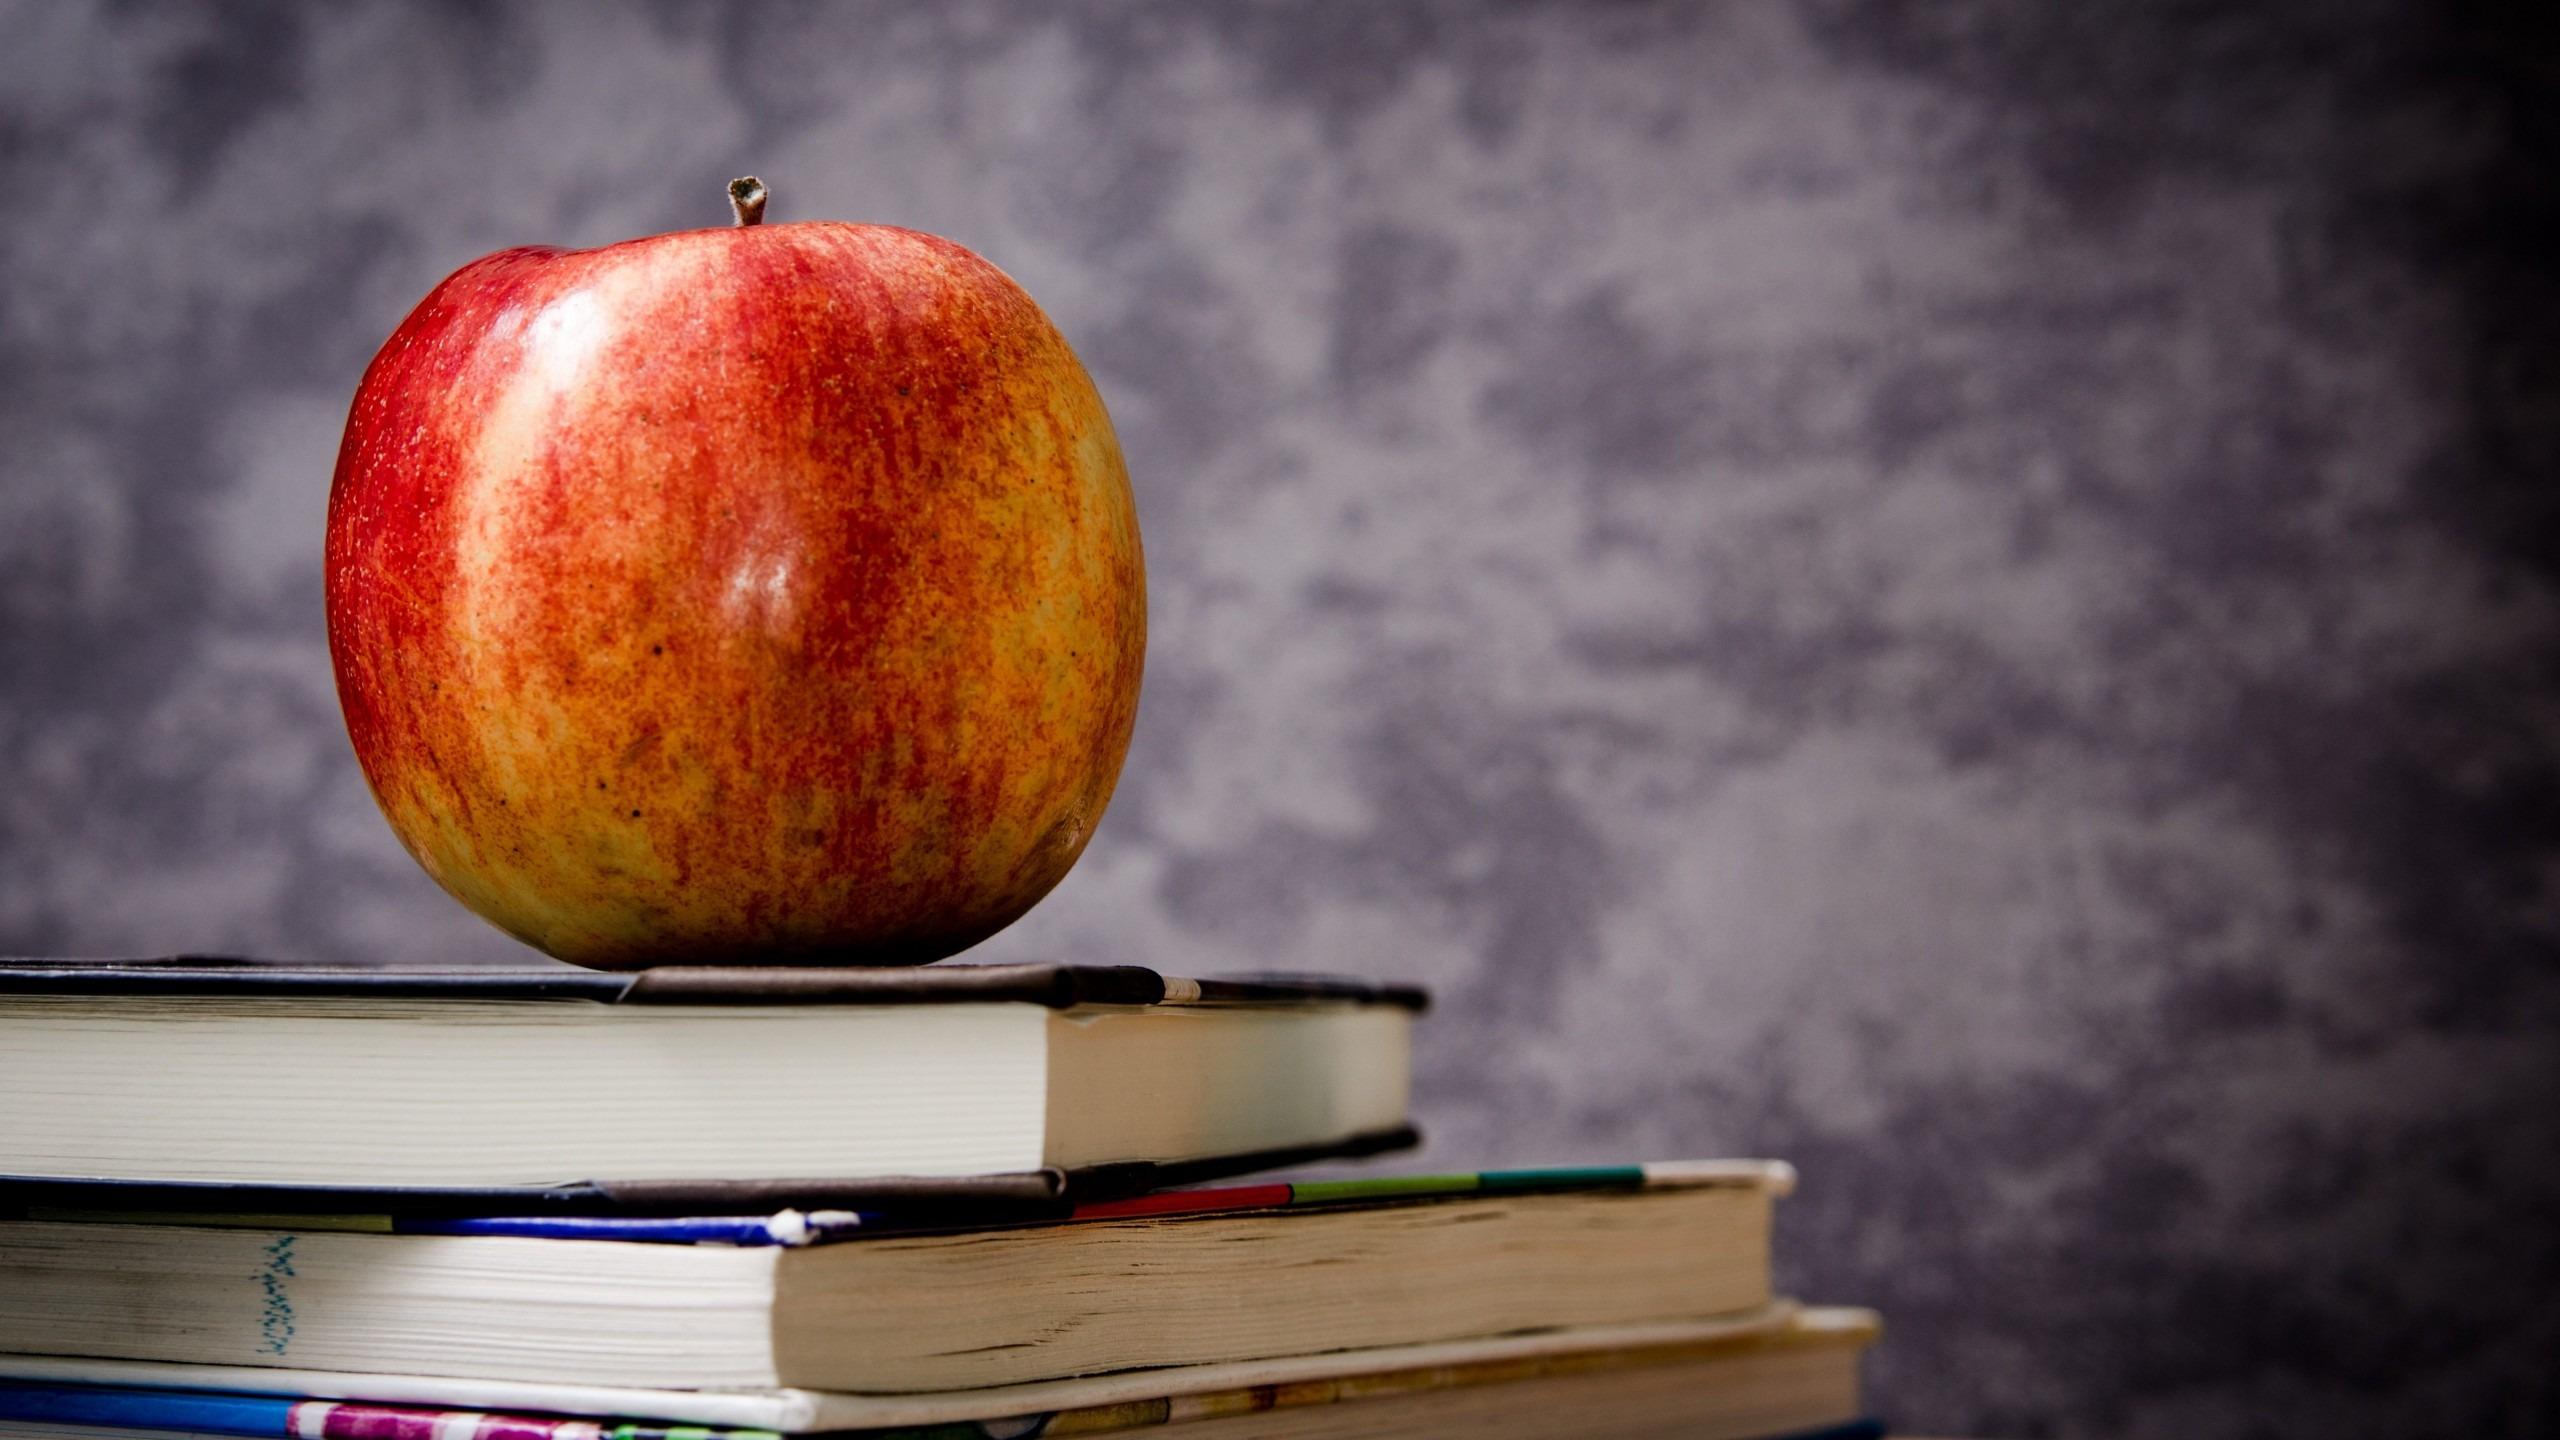 30 نصيحة للمذاكرة الصحيحة.. (لطلاب الثانوية)